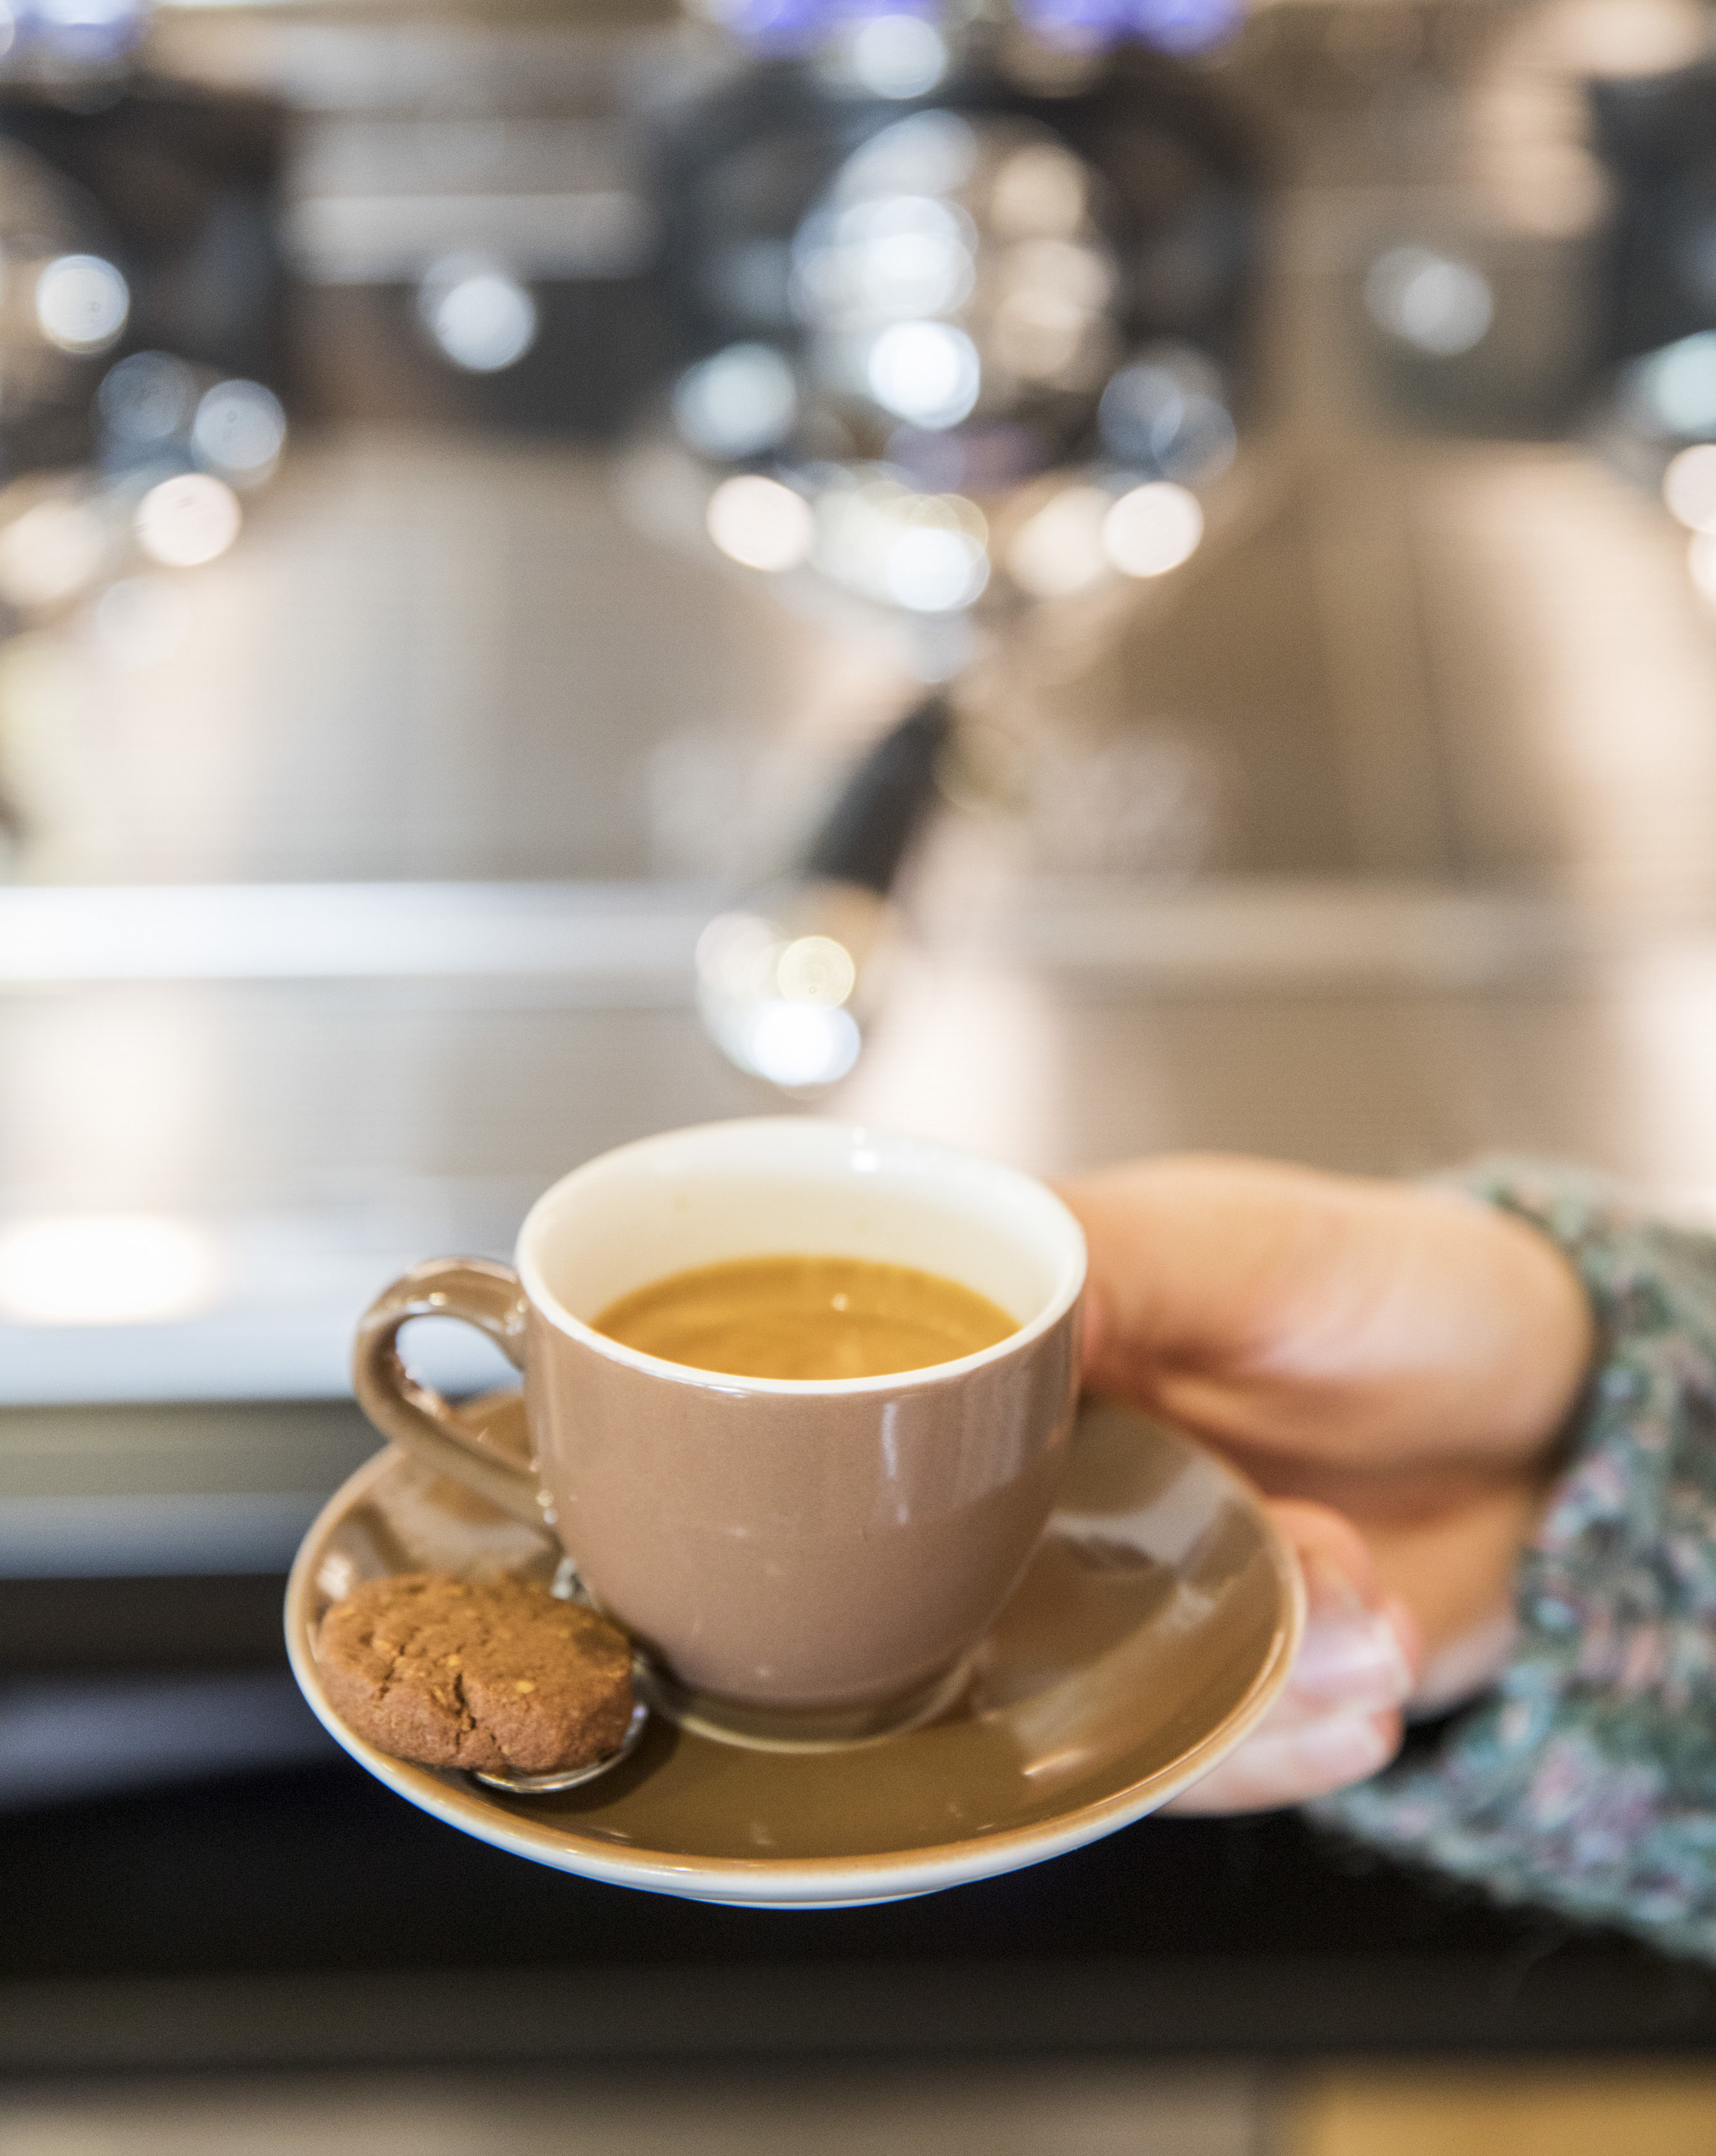 Patrizia Kummer hält einen Espresso in der Hand in ihrem Café - Bed and Breakfast Hängebrigga in Mühlebach.